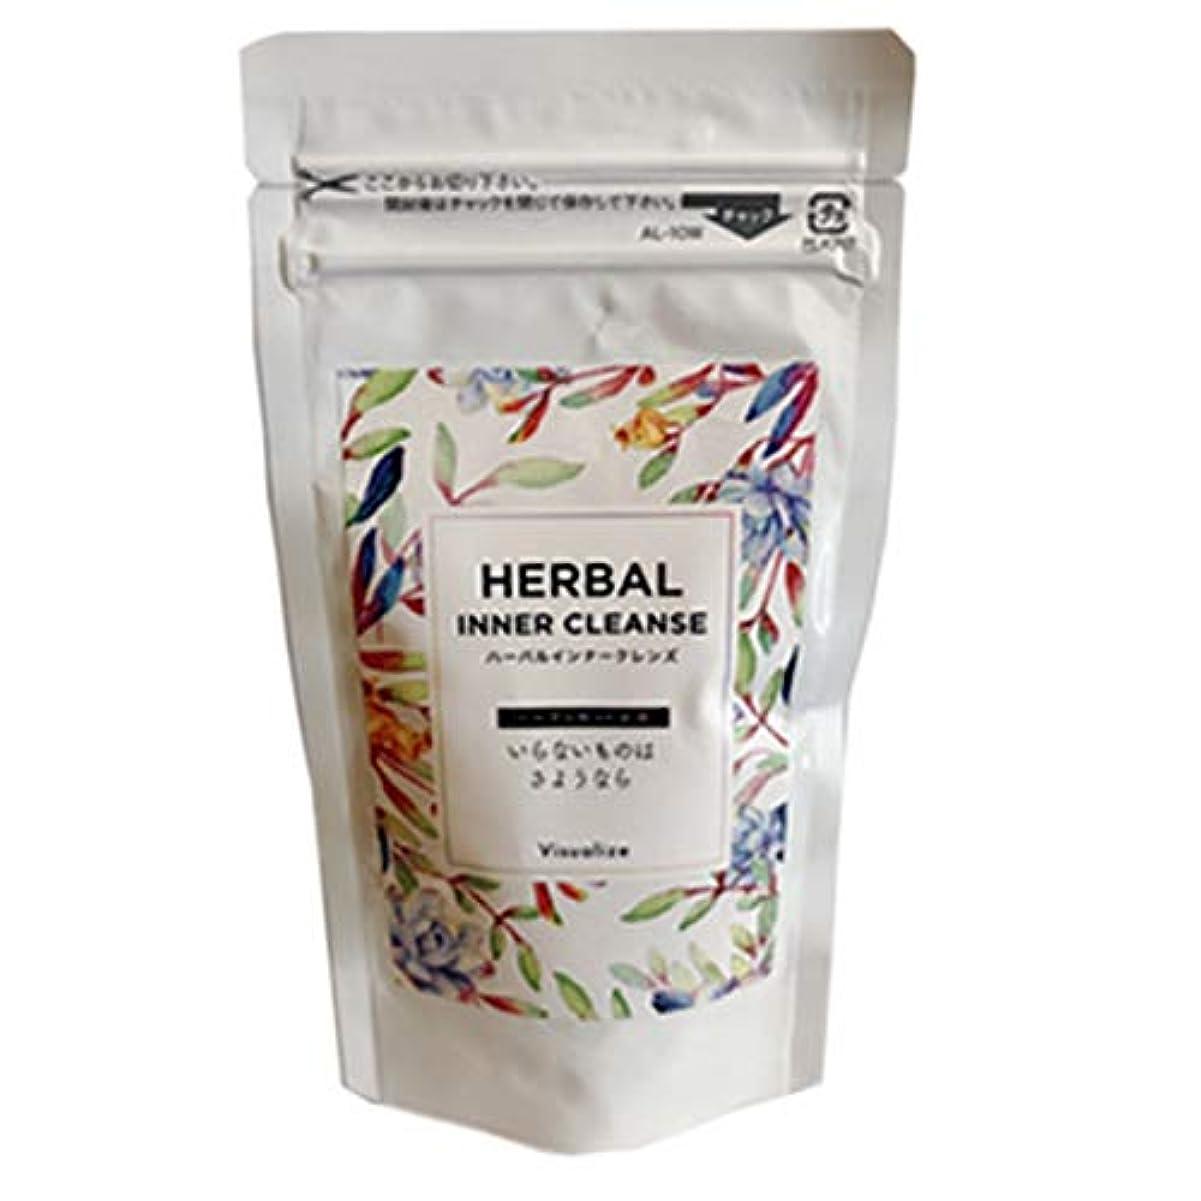 内なるサスペンドピグマリオンハーバルインナークレンズ Herbal INNER CLEANZE (150粒(tablets))2019/1/8より順次発送